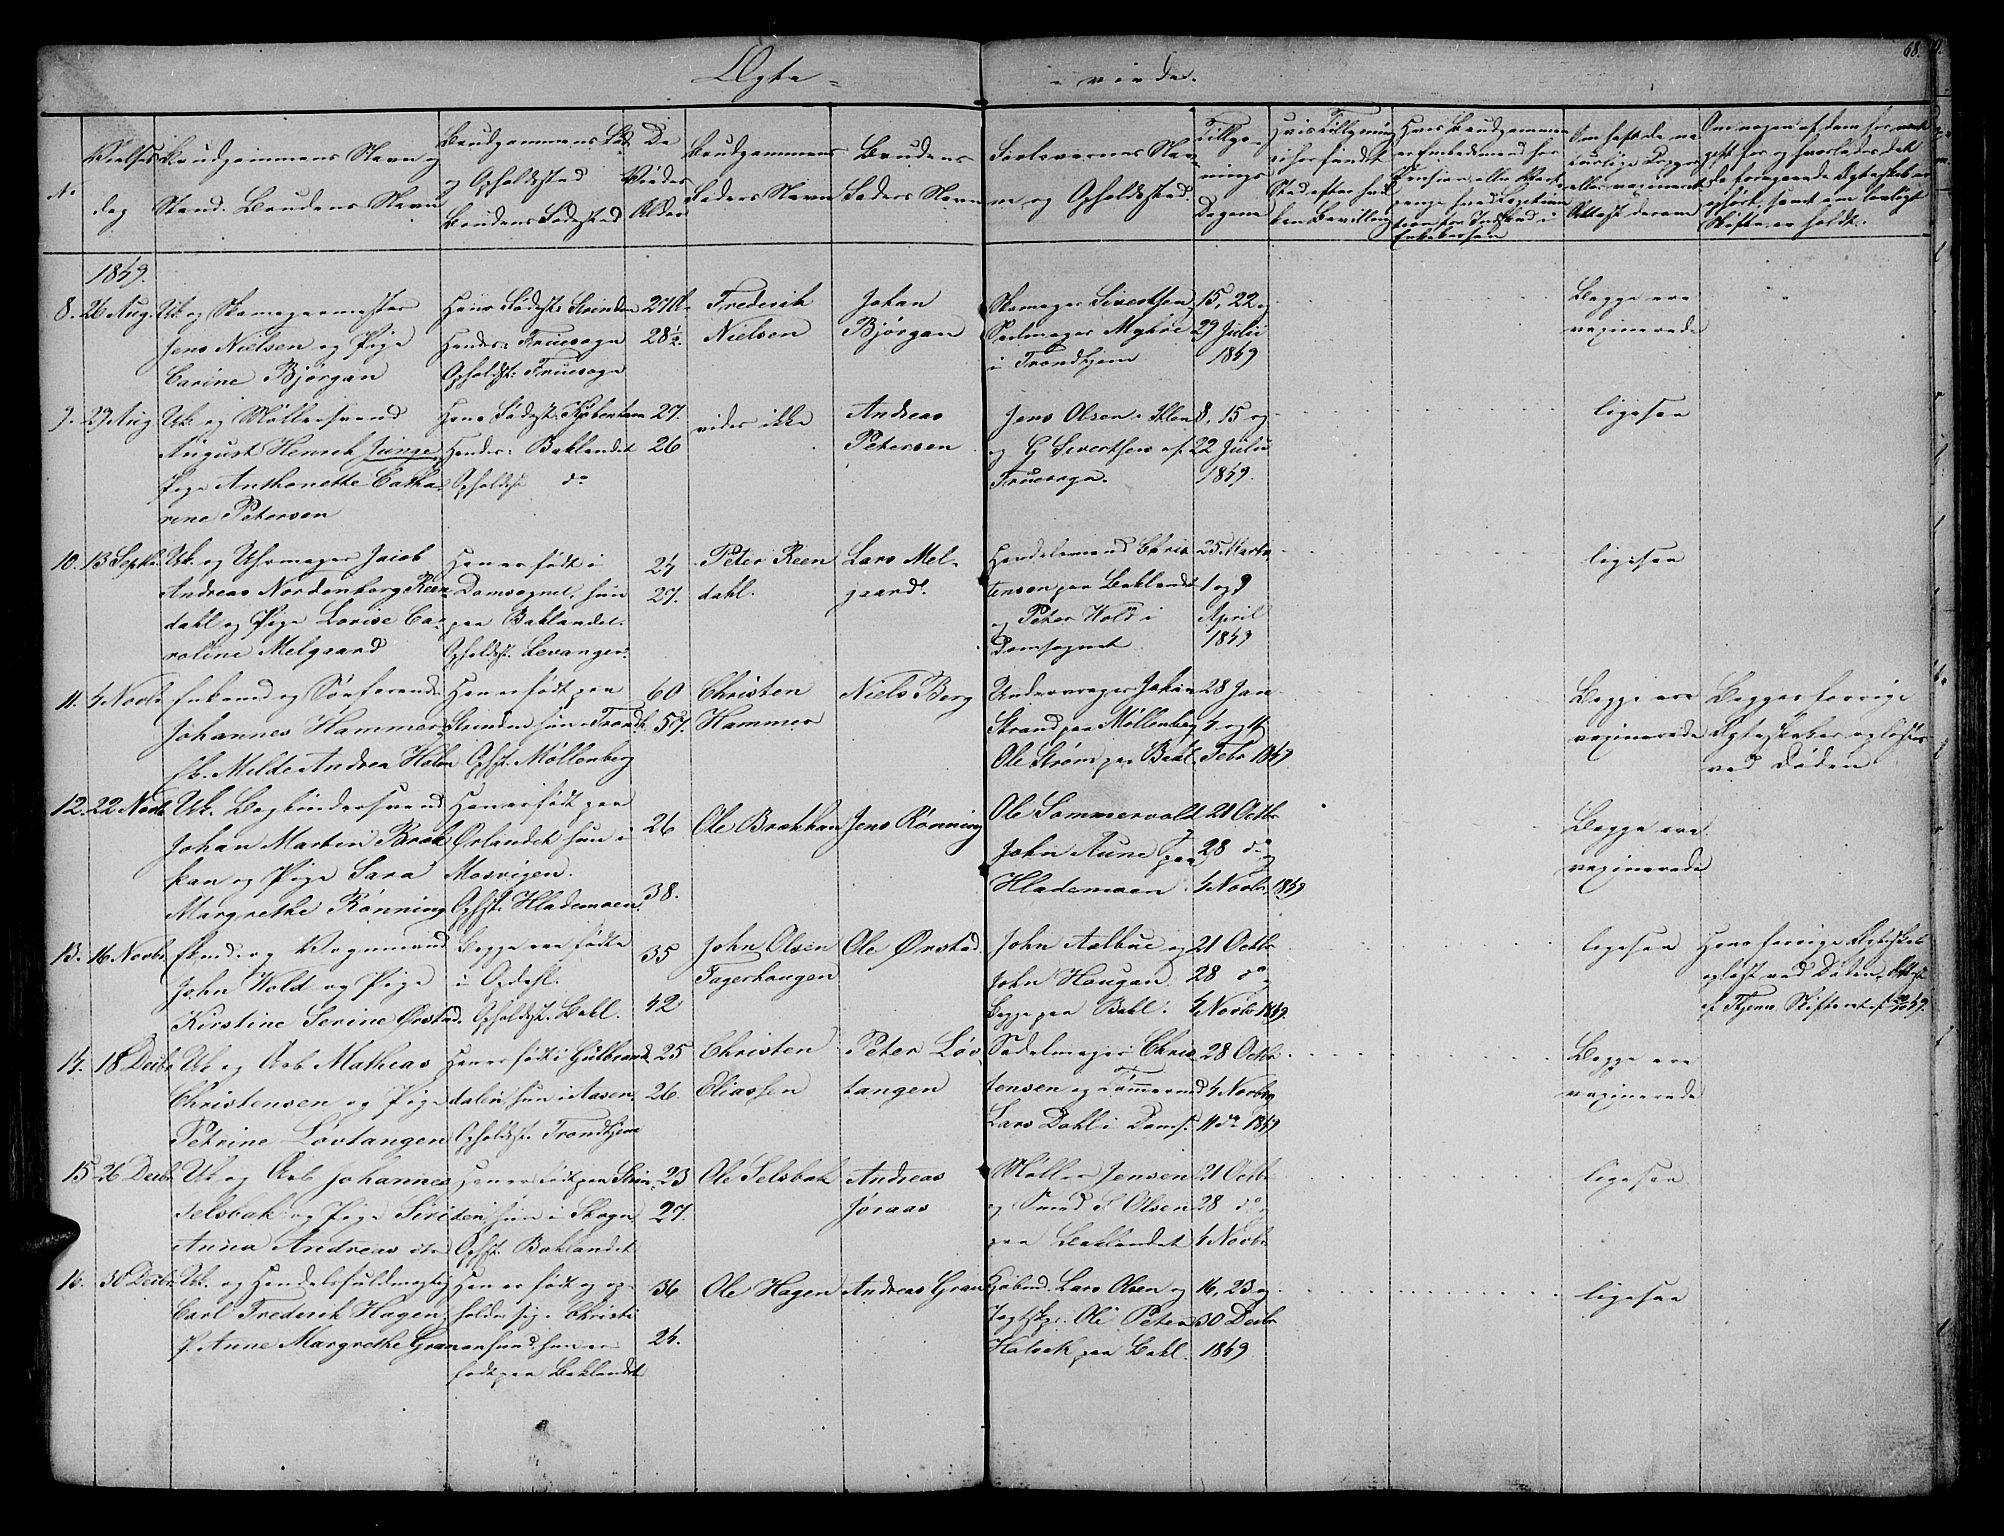 SAT, Ministerialprotokoller, klokkerbøker og fødselsregistre - Sør-Trøndelag, 604/L0182: Ministerialbok nr. 604A03, 1818-1850, s. 68